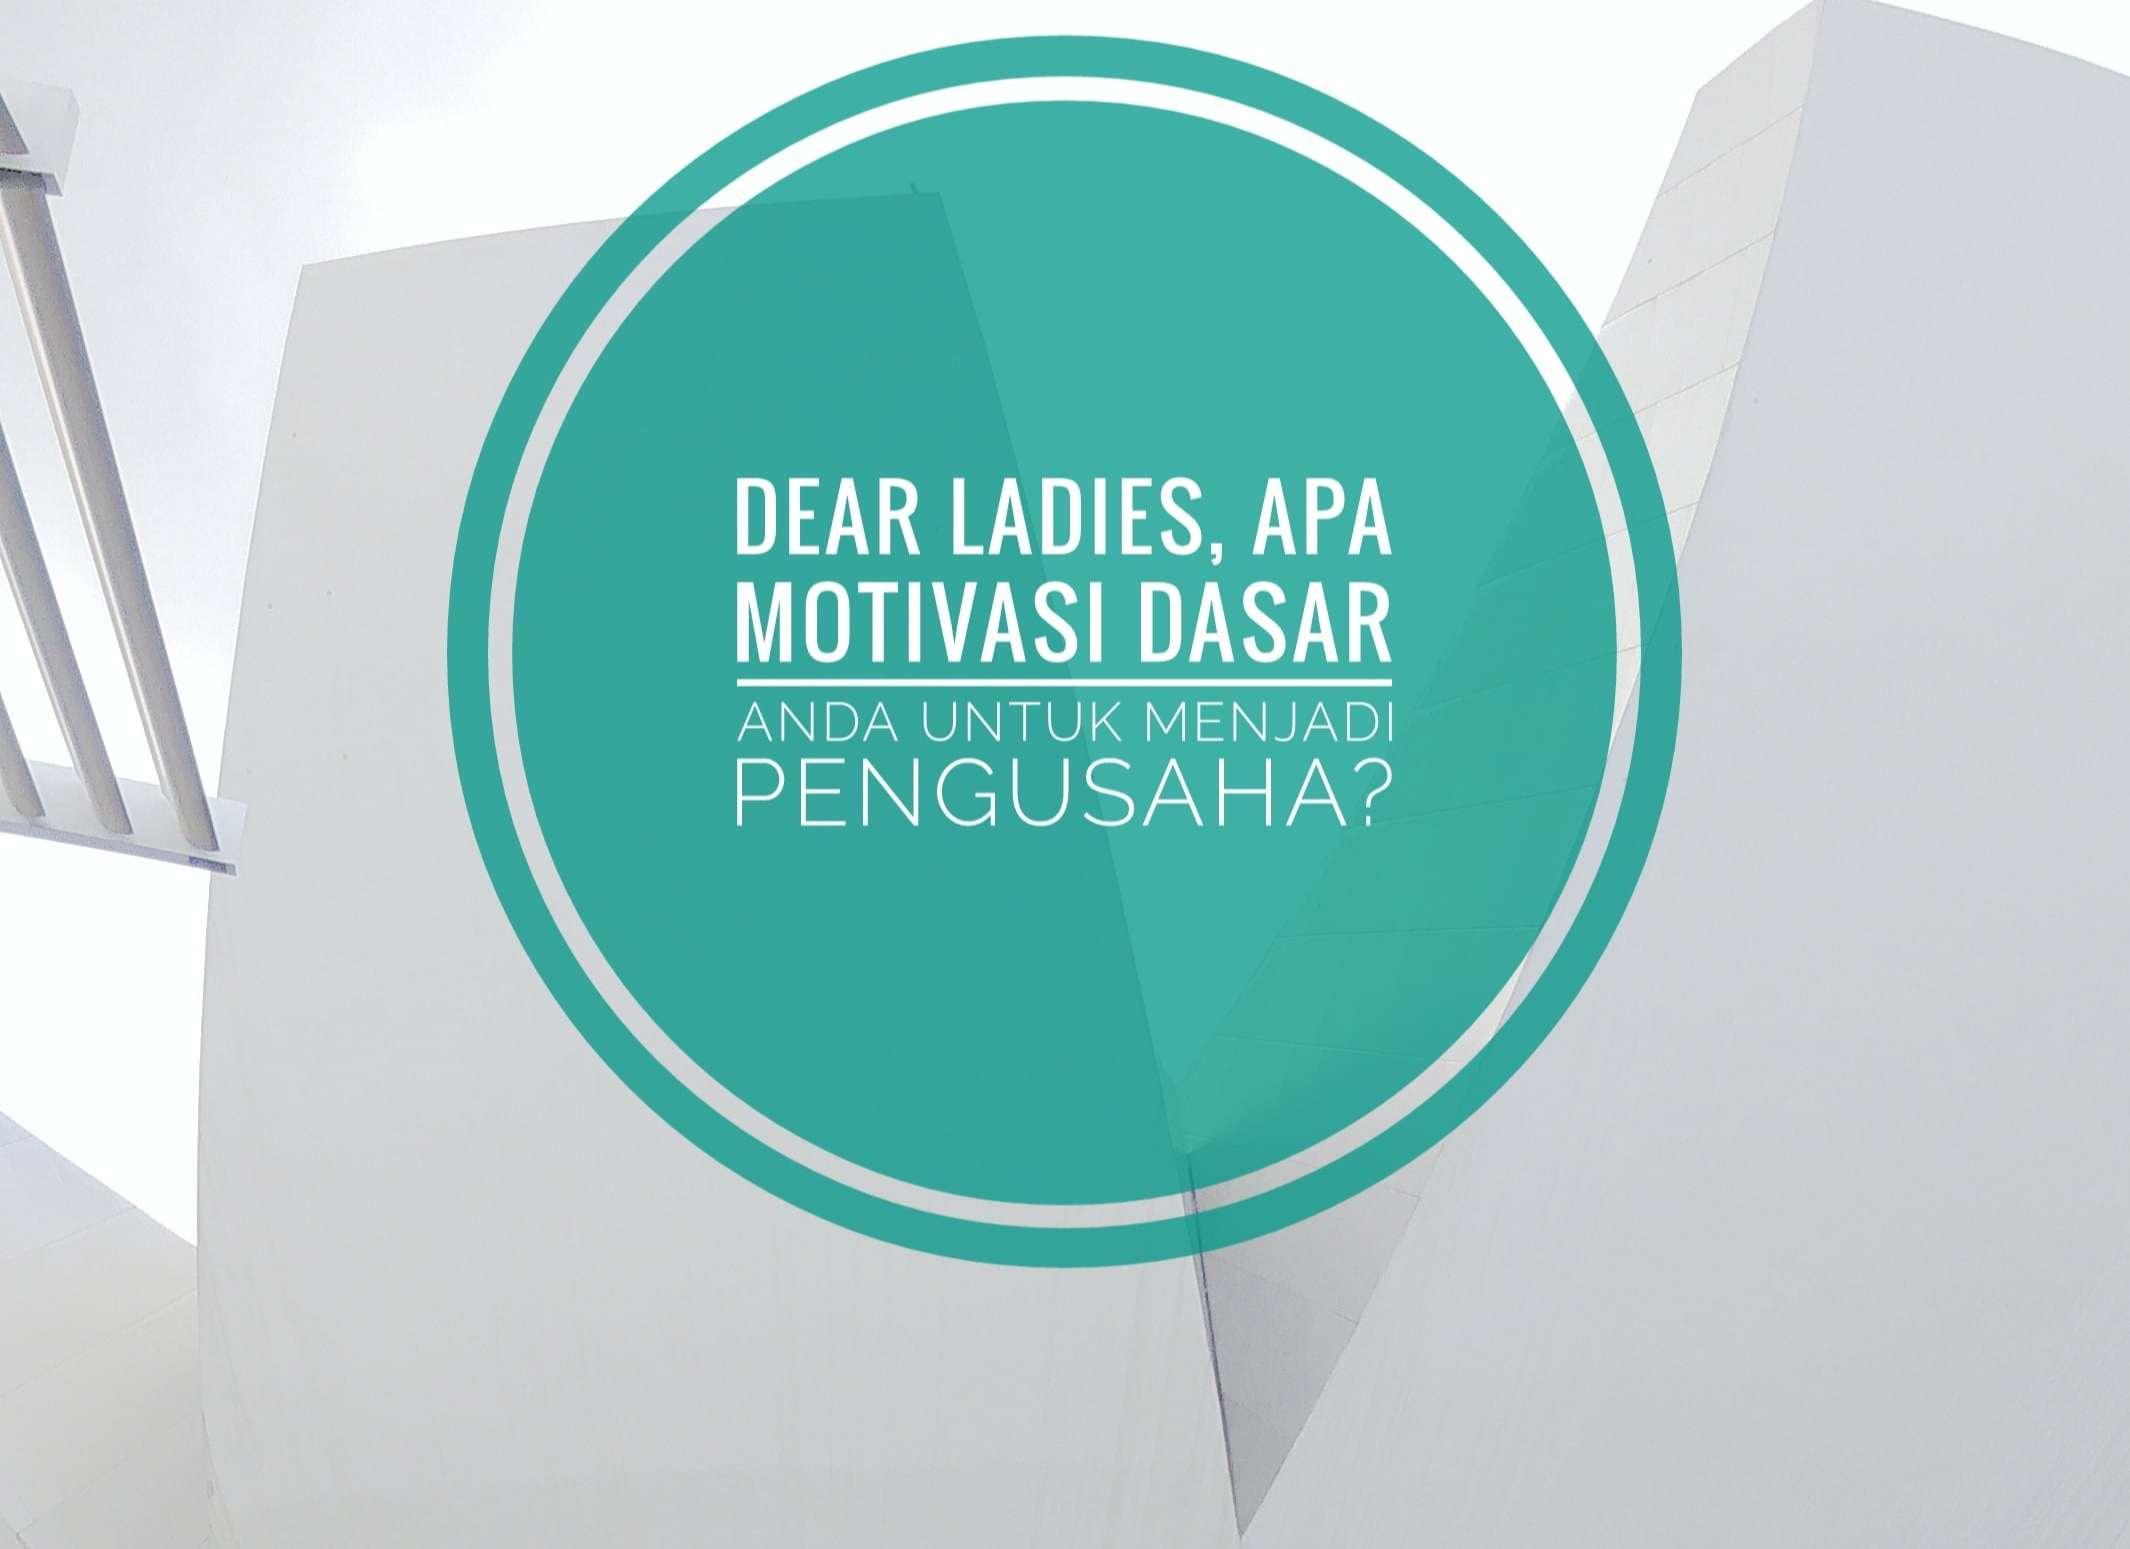 Dear Ladies, Apa Motivasi Dasar Anda Untuk Menjadi Pengusaha?